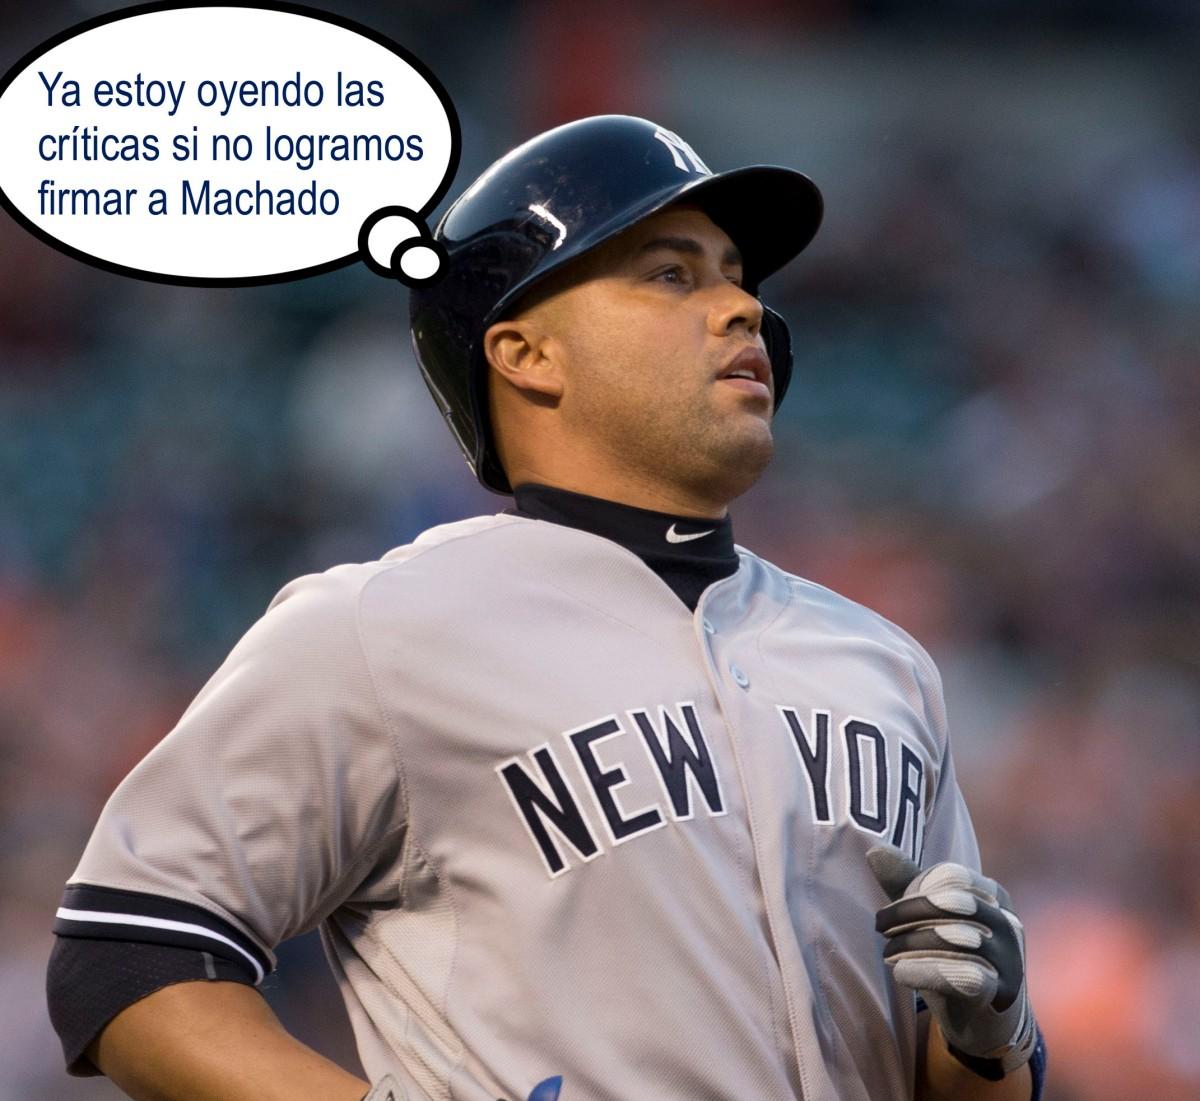 La llegada de Carlos Beltran a los Yankees ¿significa algo para AaronBoone?